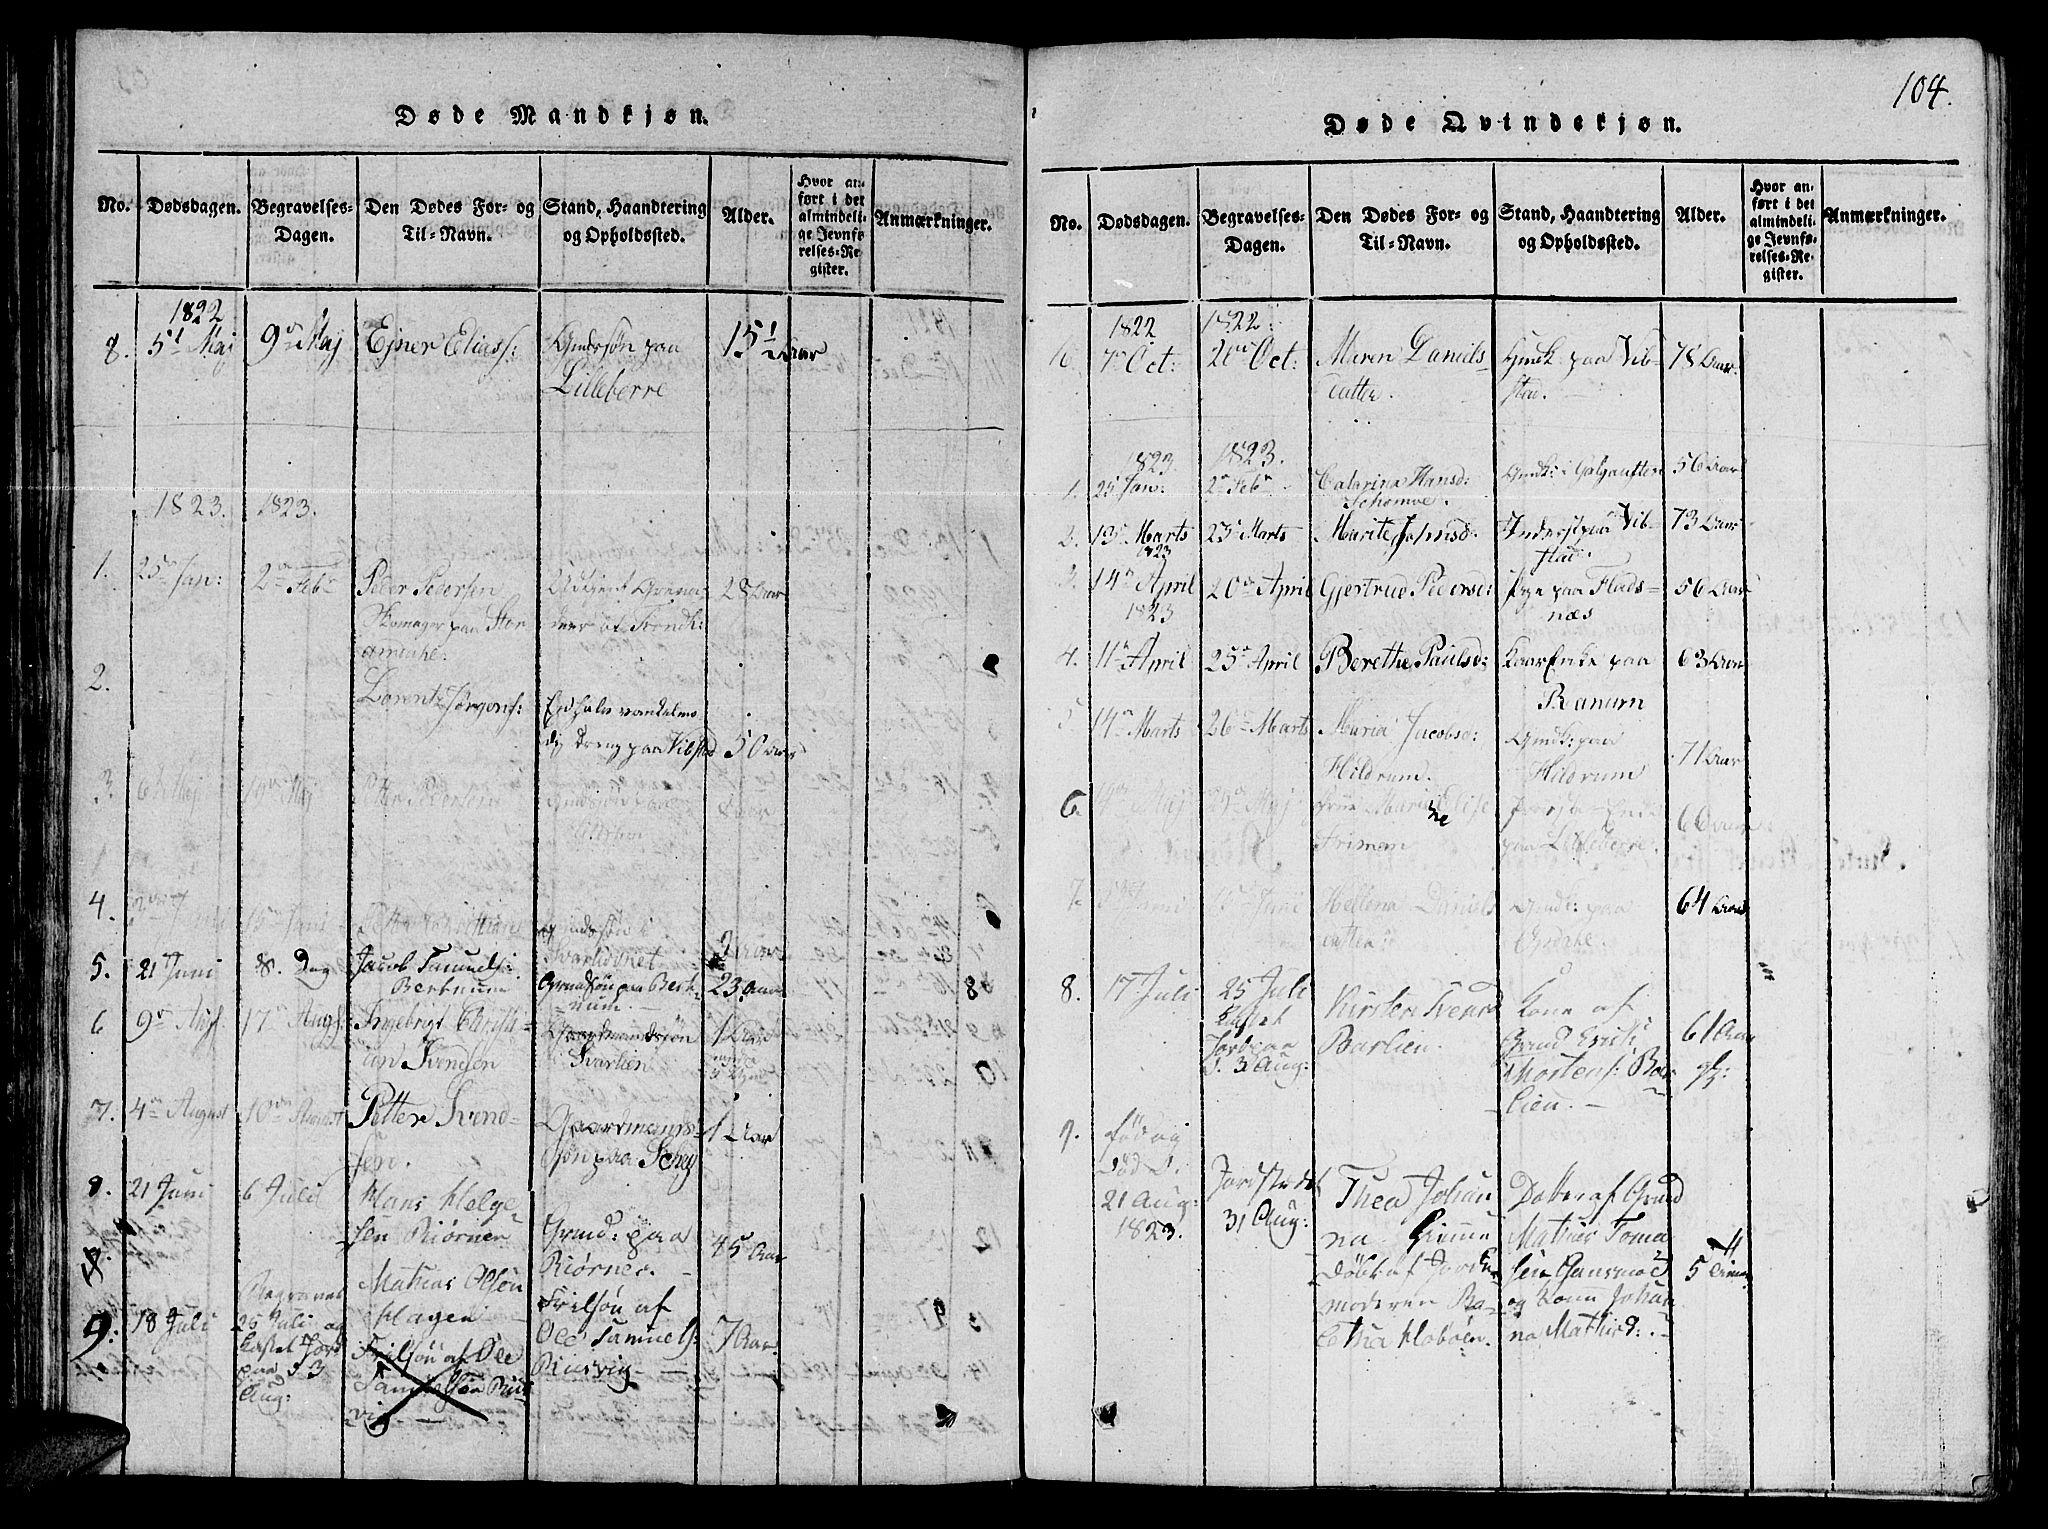 SAT, Ministerialprotokoller, klokkerbøker og fødselsregistre - Nord-Trøndelag, 764/L0546: Ministerialbok nr. 764A06 /1, 1816-1823, s. 104